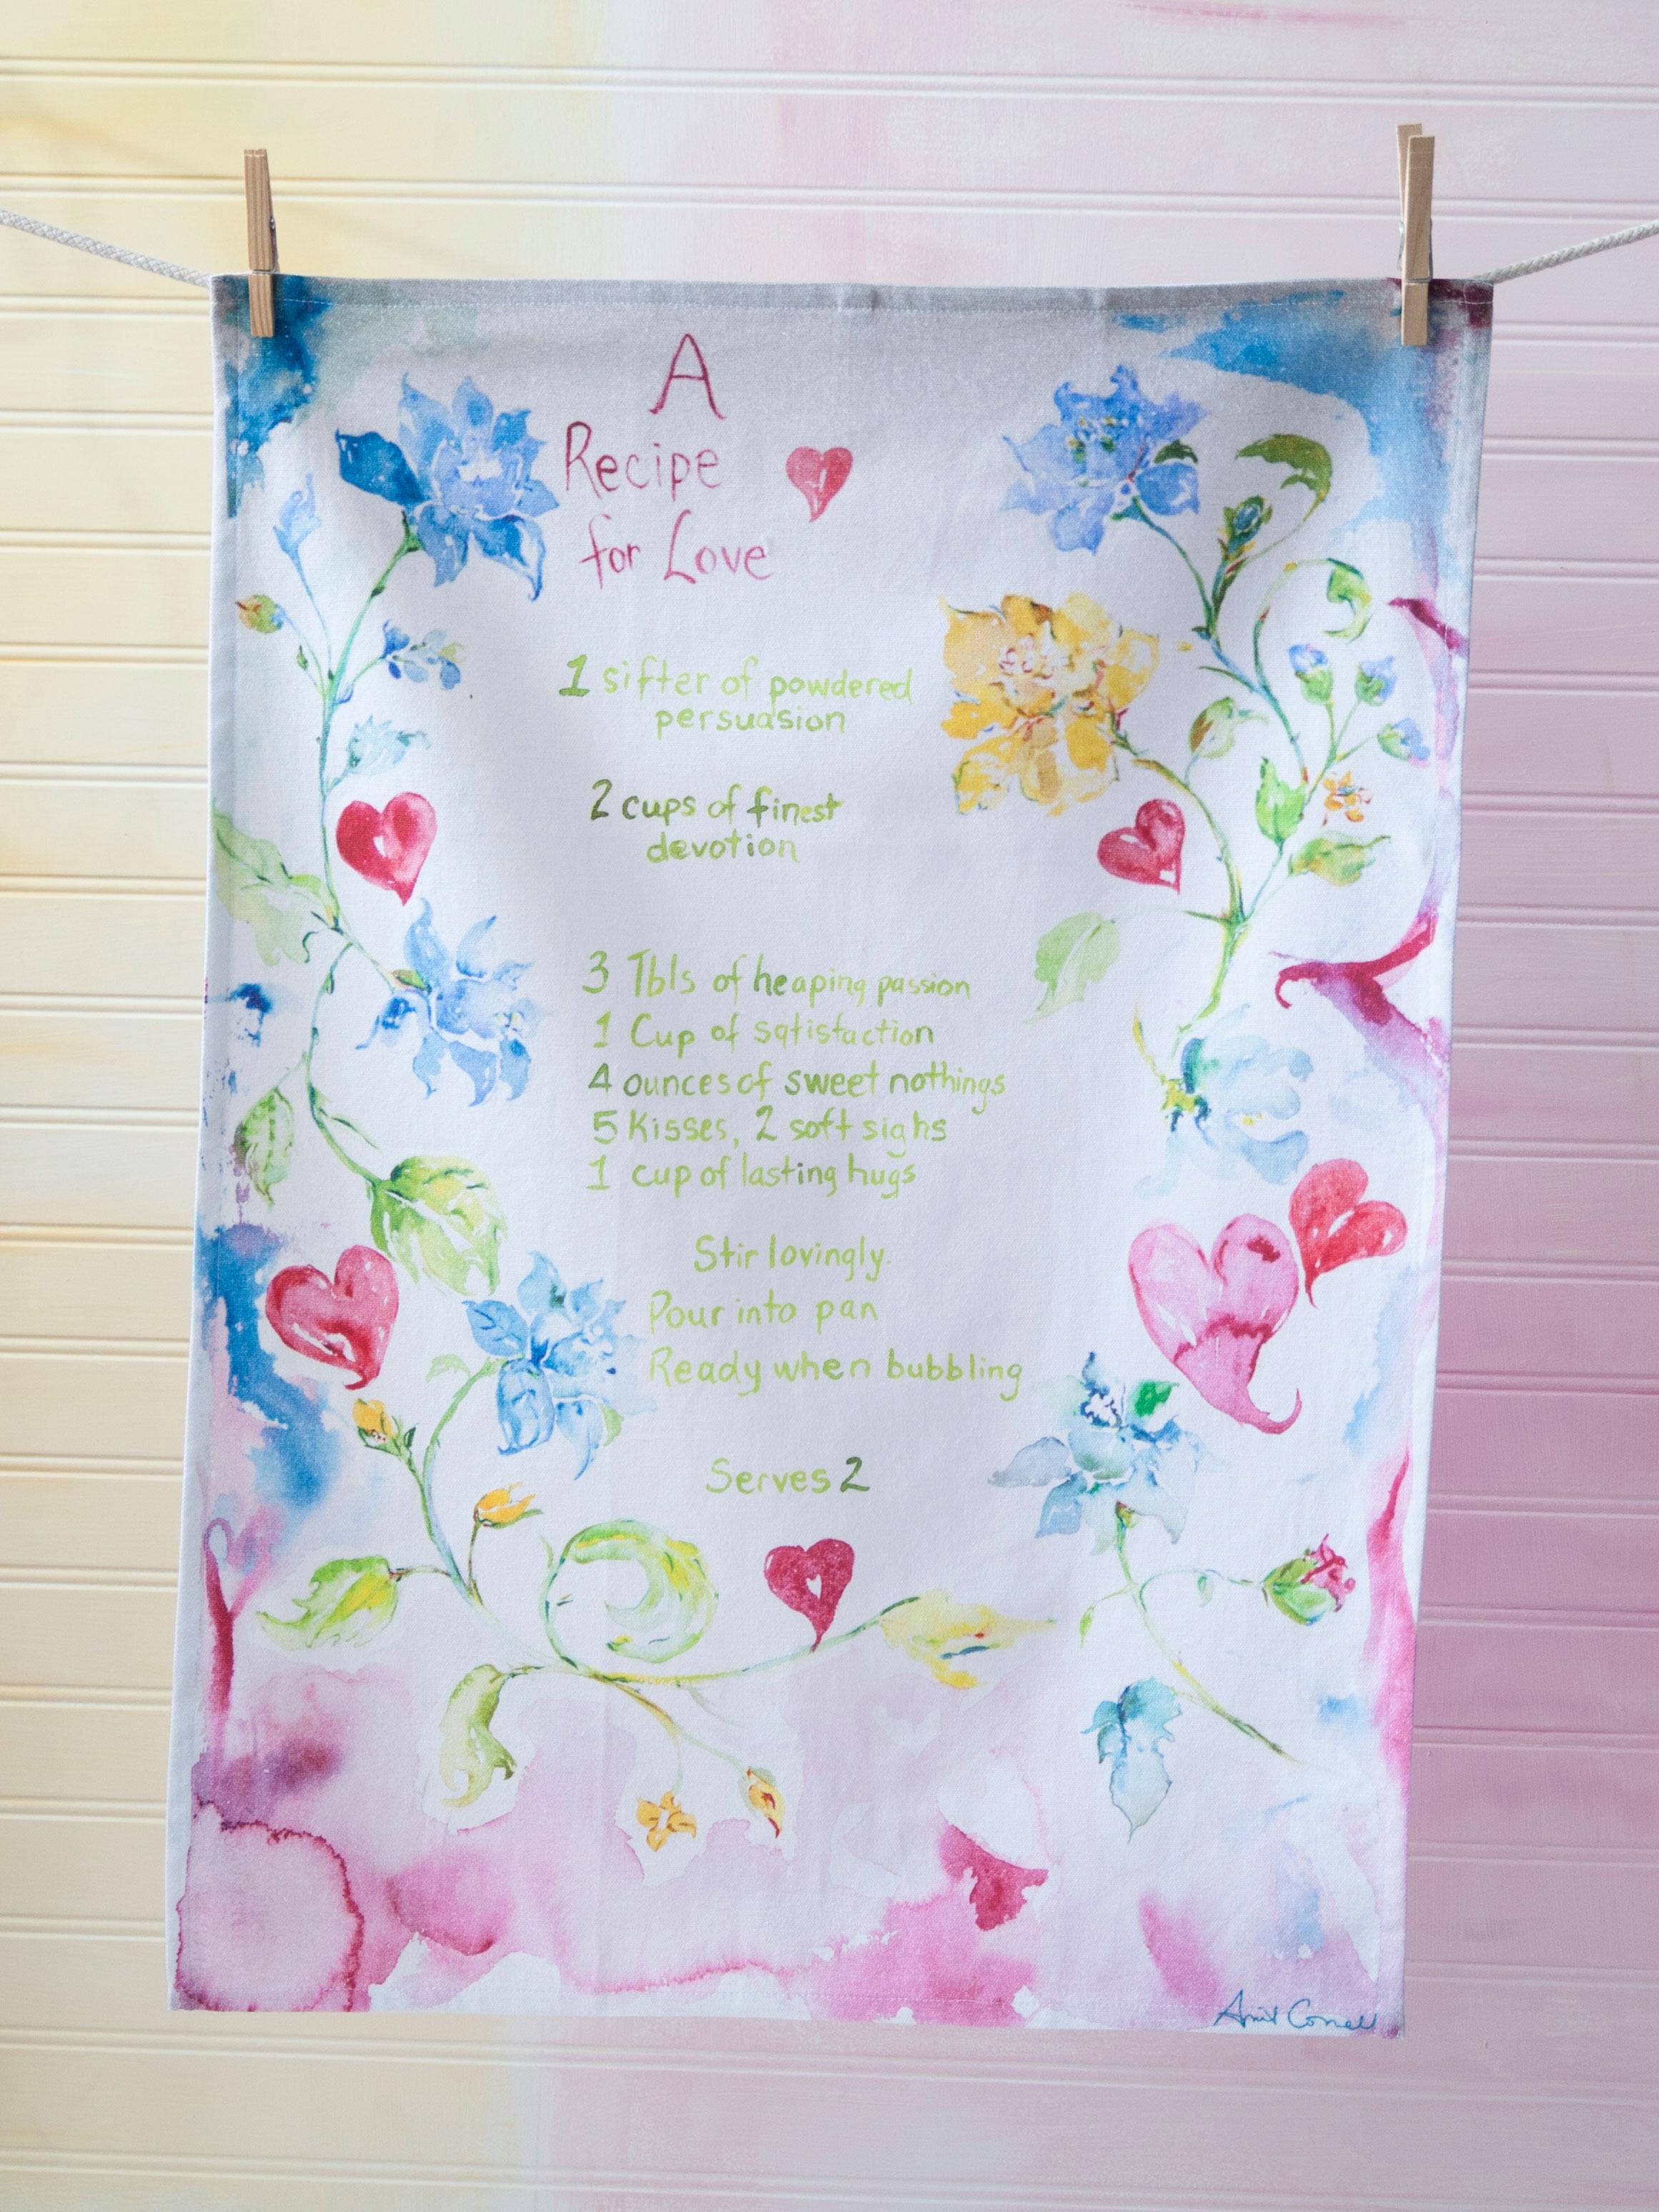 Recipe for Love Tea Towel | Linens & Kitchen, Tea Towels and Tea ...